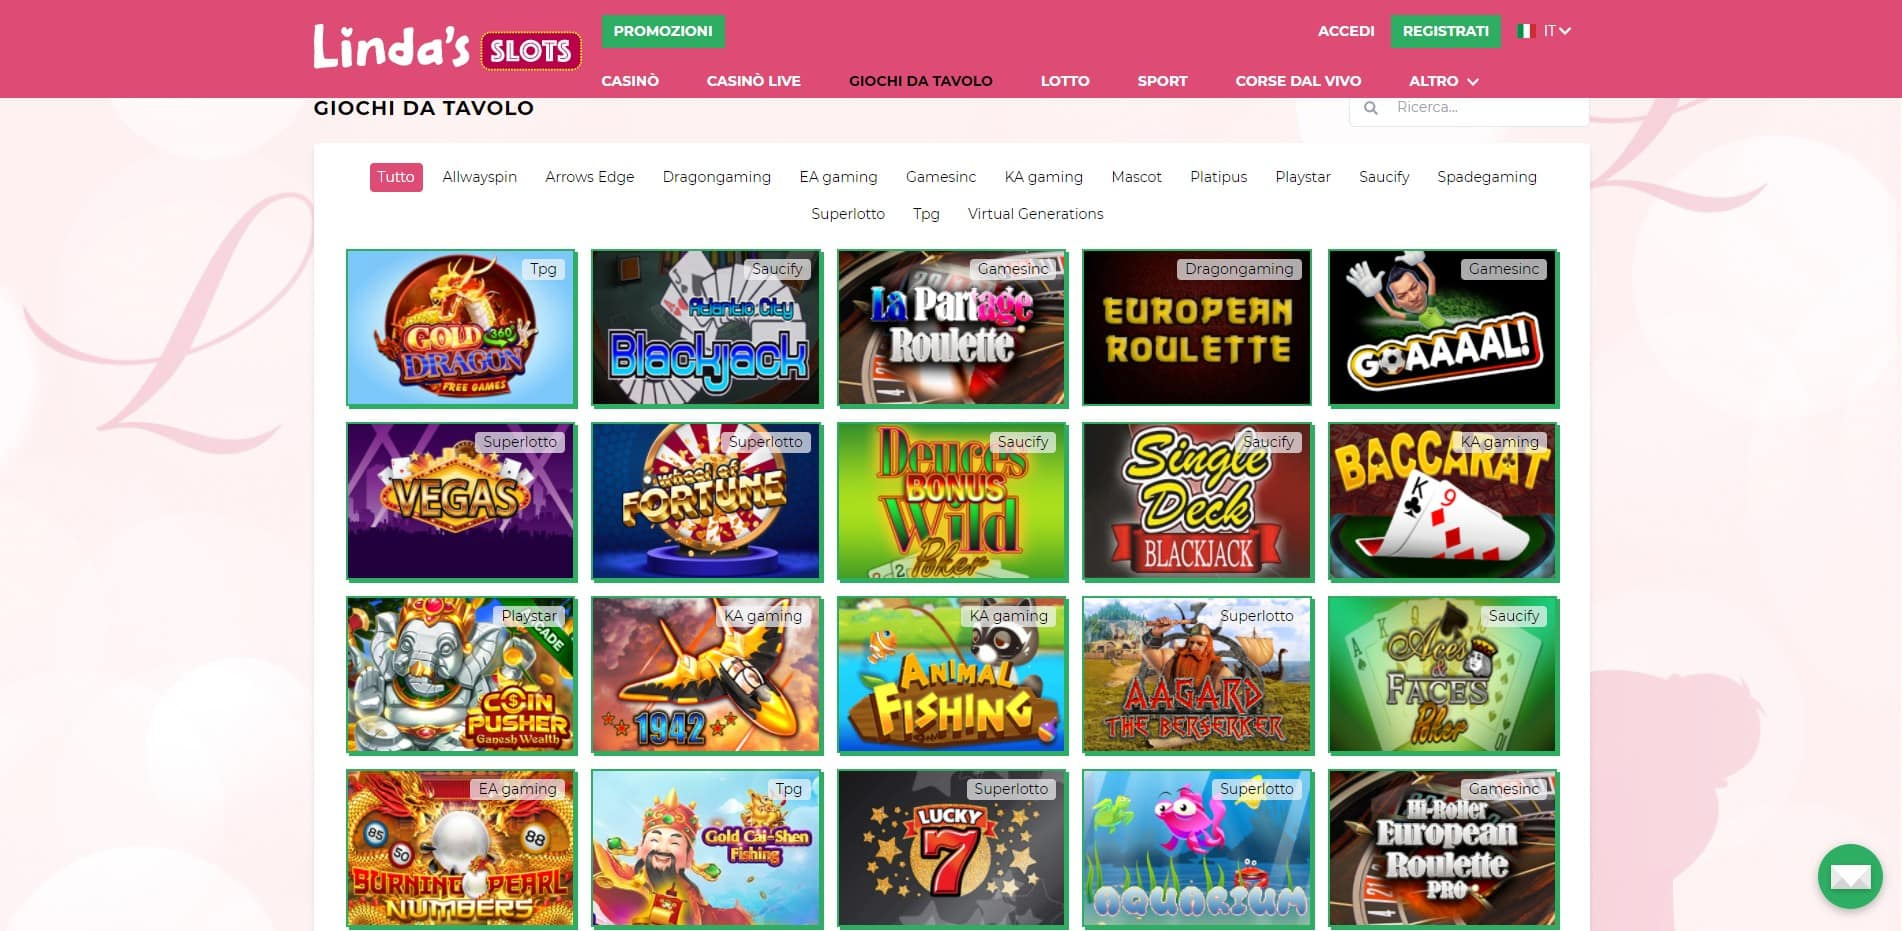 Giochi di Linda's Slots Casino